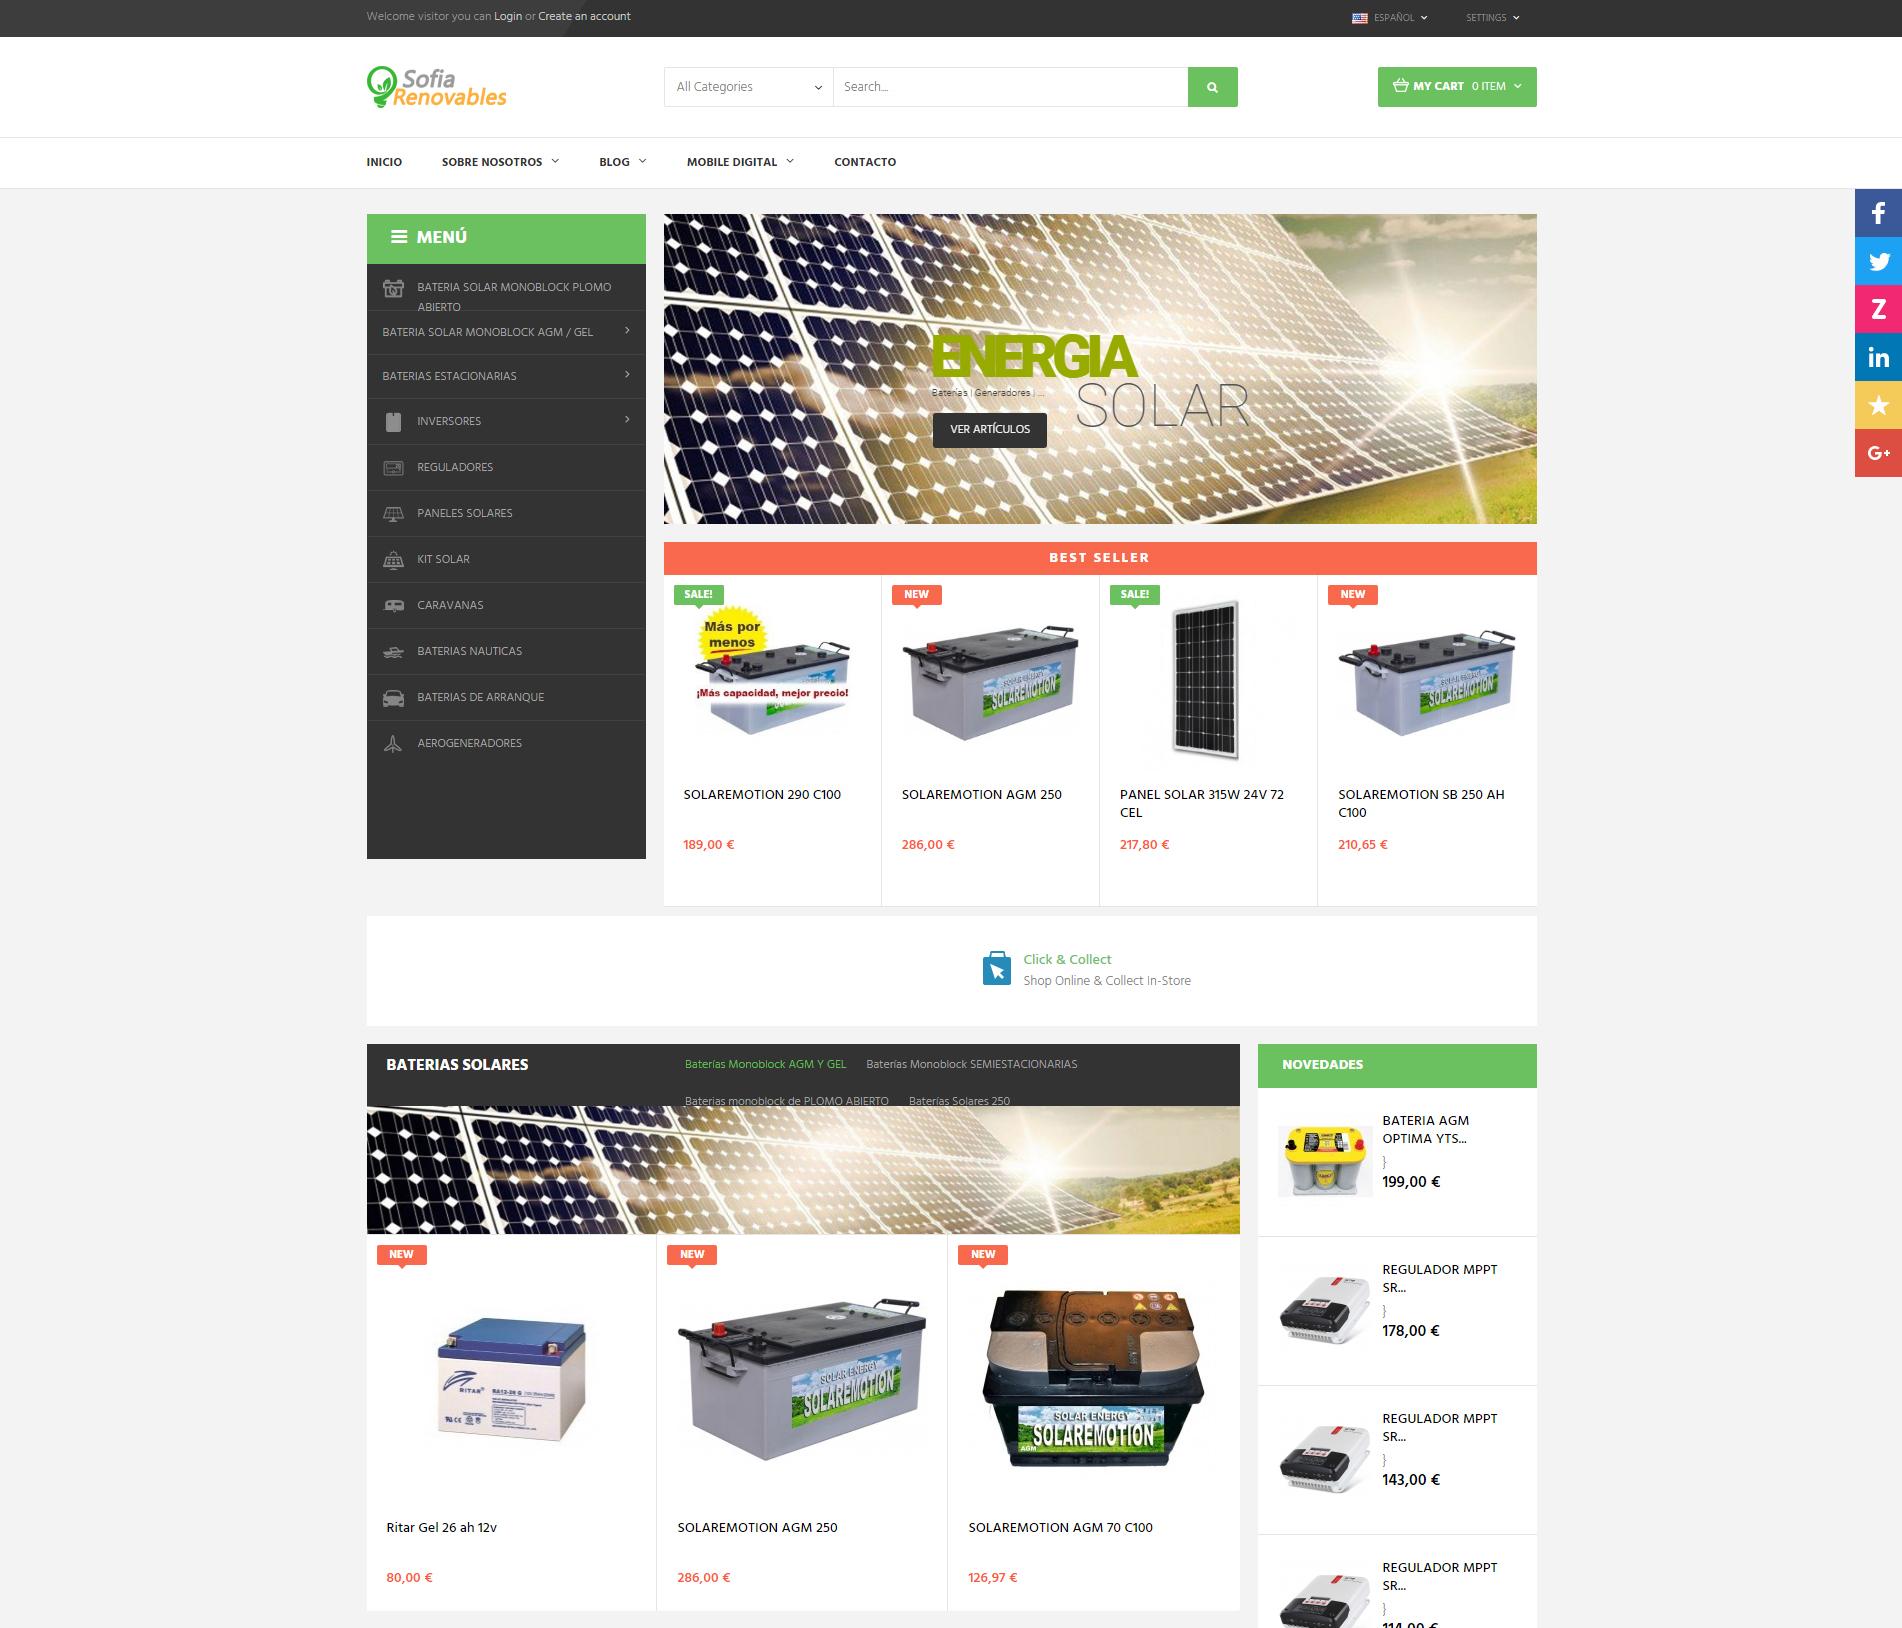 Nueva Tienda Online de baterías y placas solares en Castellón http://sofiarenovables.com/ +Autoadministrable +Tienda Online